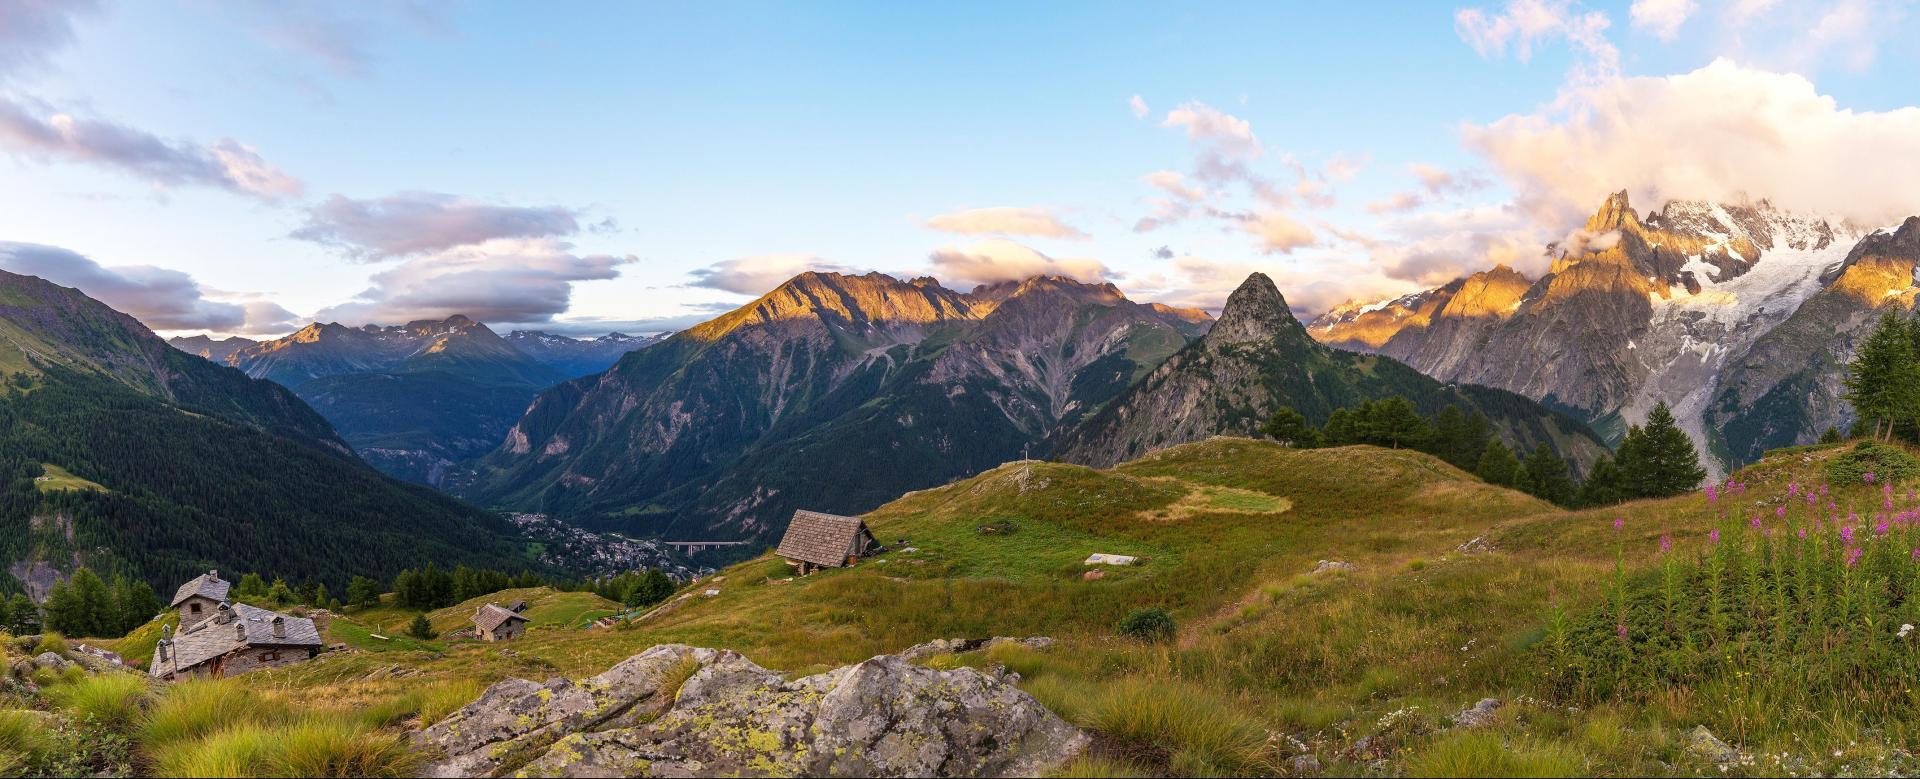 Voyage à pied : Le trail du mont-blanc en 6 jours